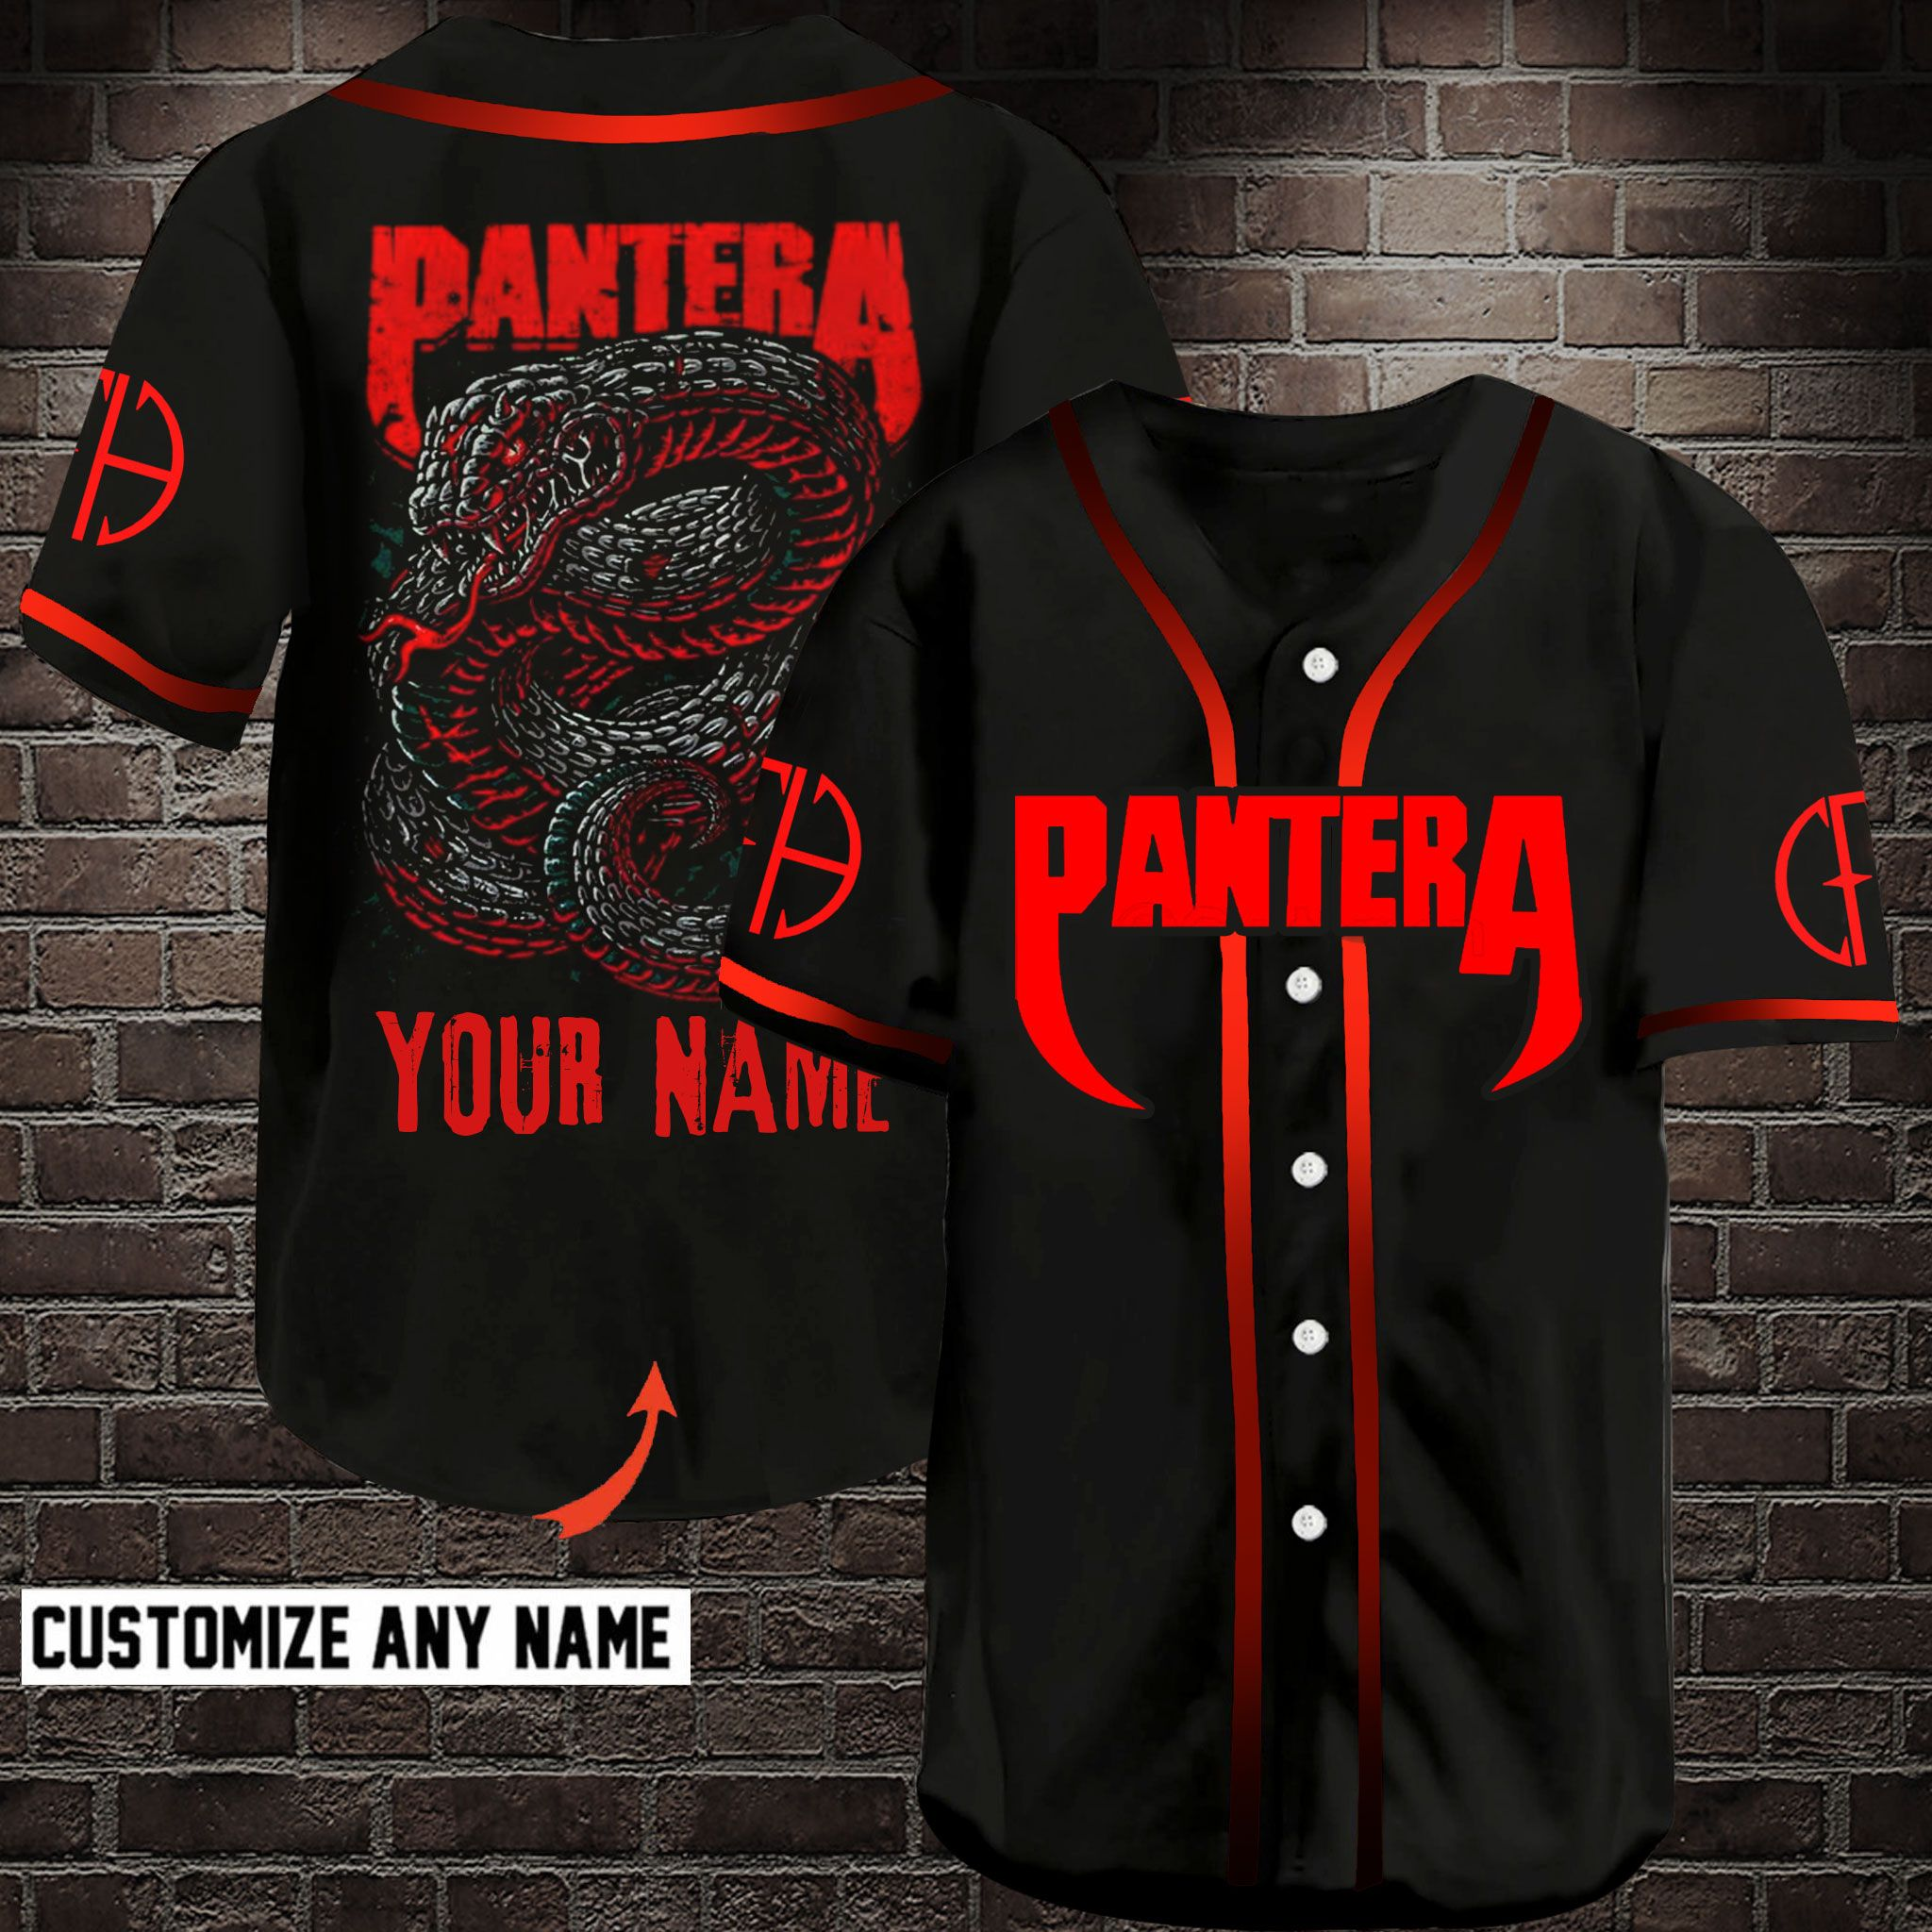 Pantera Snake Customize Name Baseball Jersey Shirt